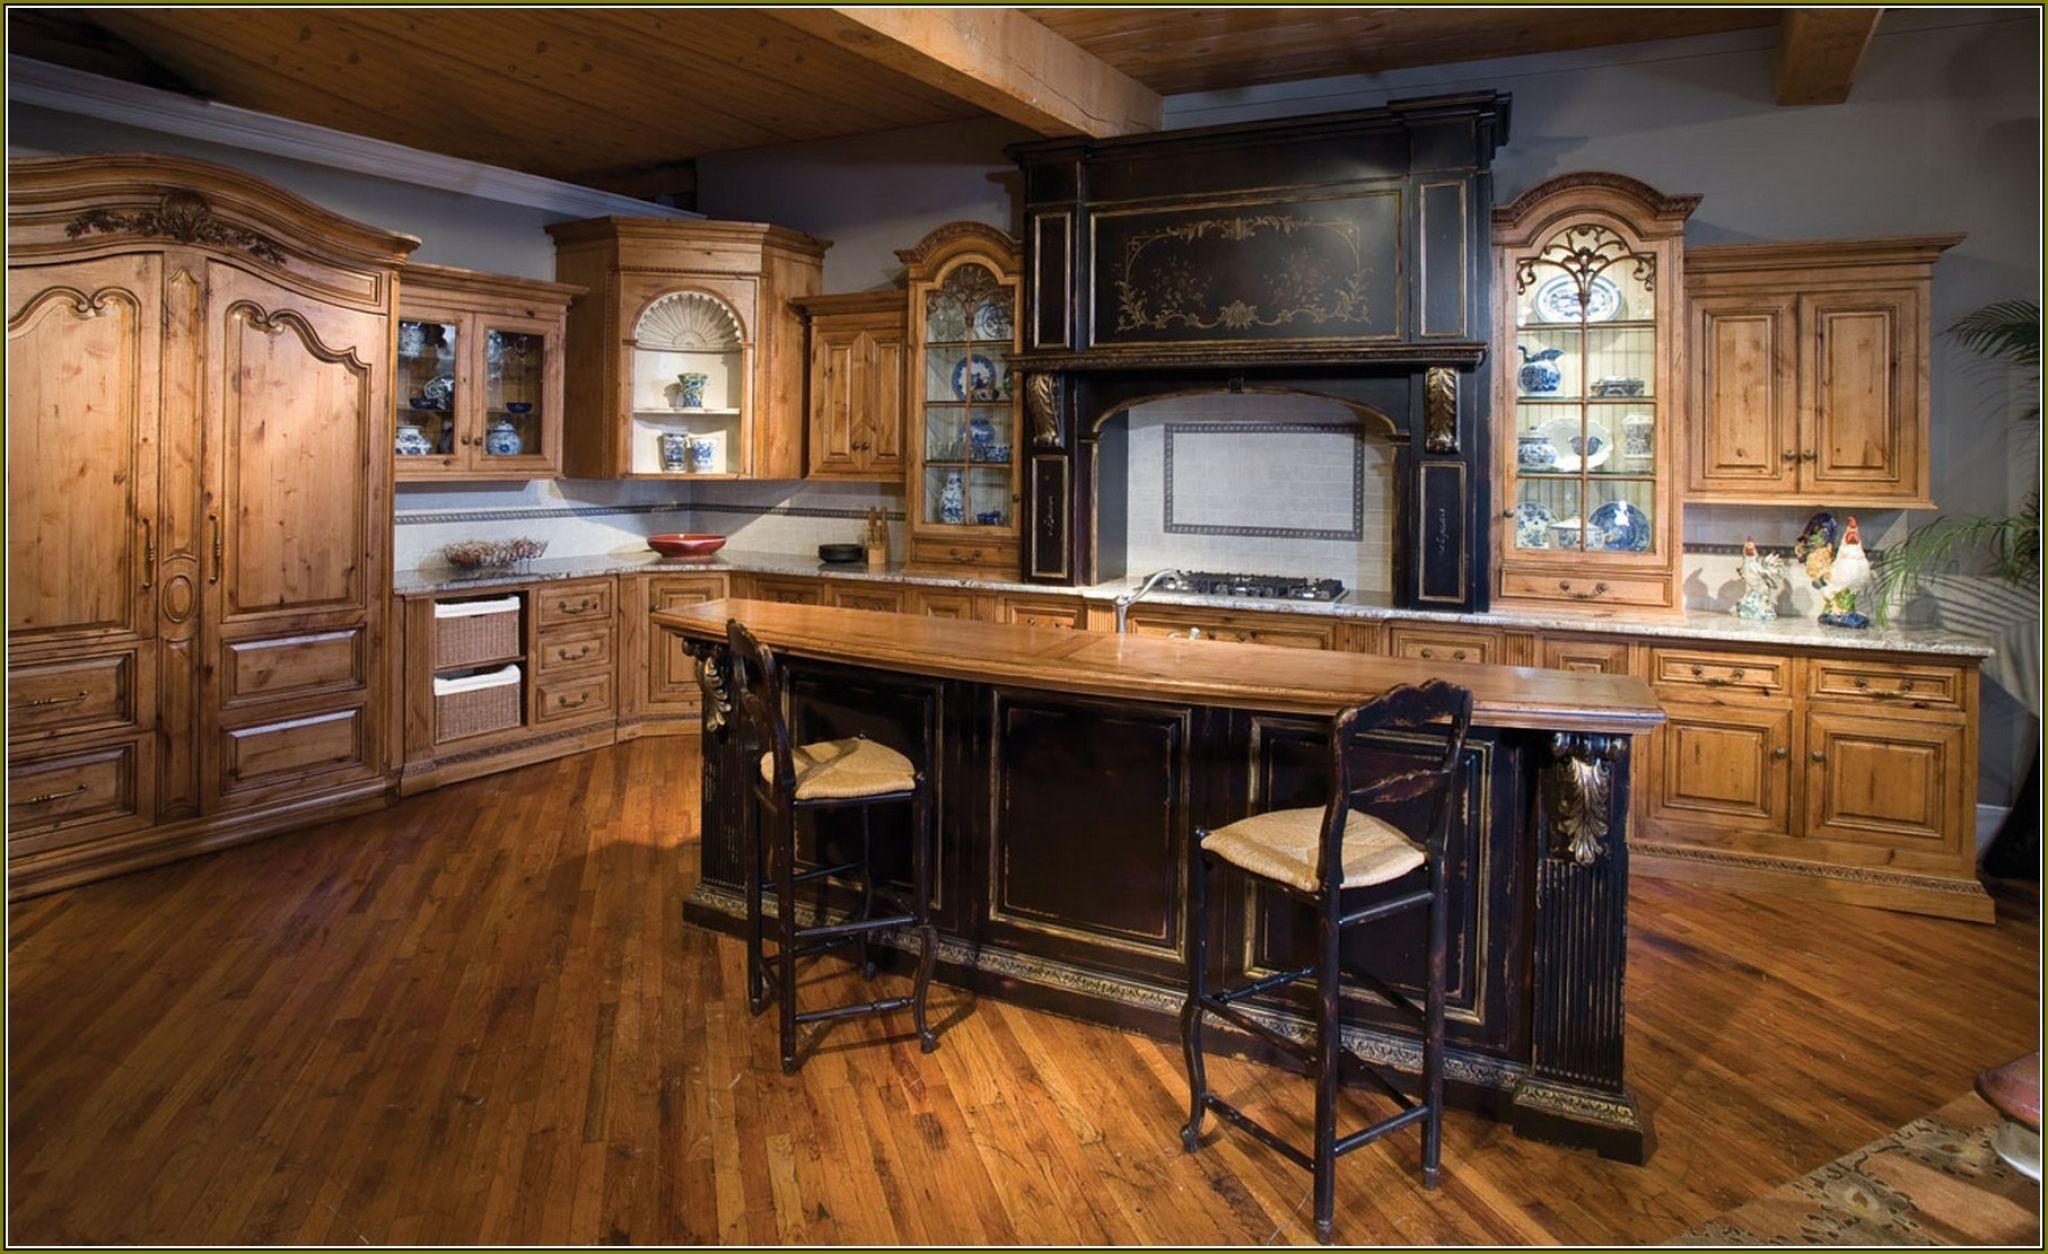 Best Kitchen Gallery: Alder Wood Cabi S Kitchen Kitchen Backsplash Design Ideas Check of Alder Wood Cabinets Kitchen on rachelxblog.com